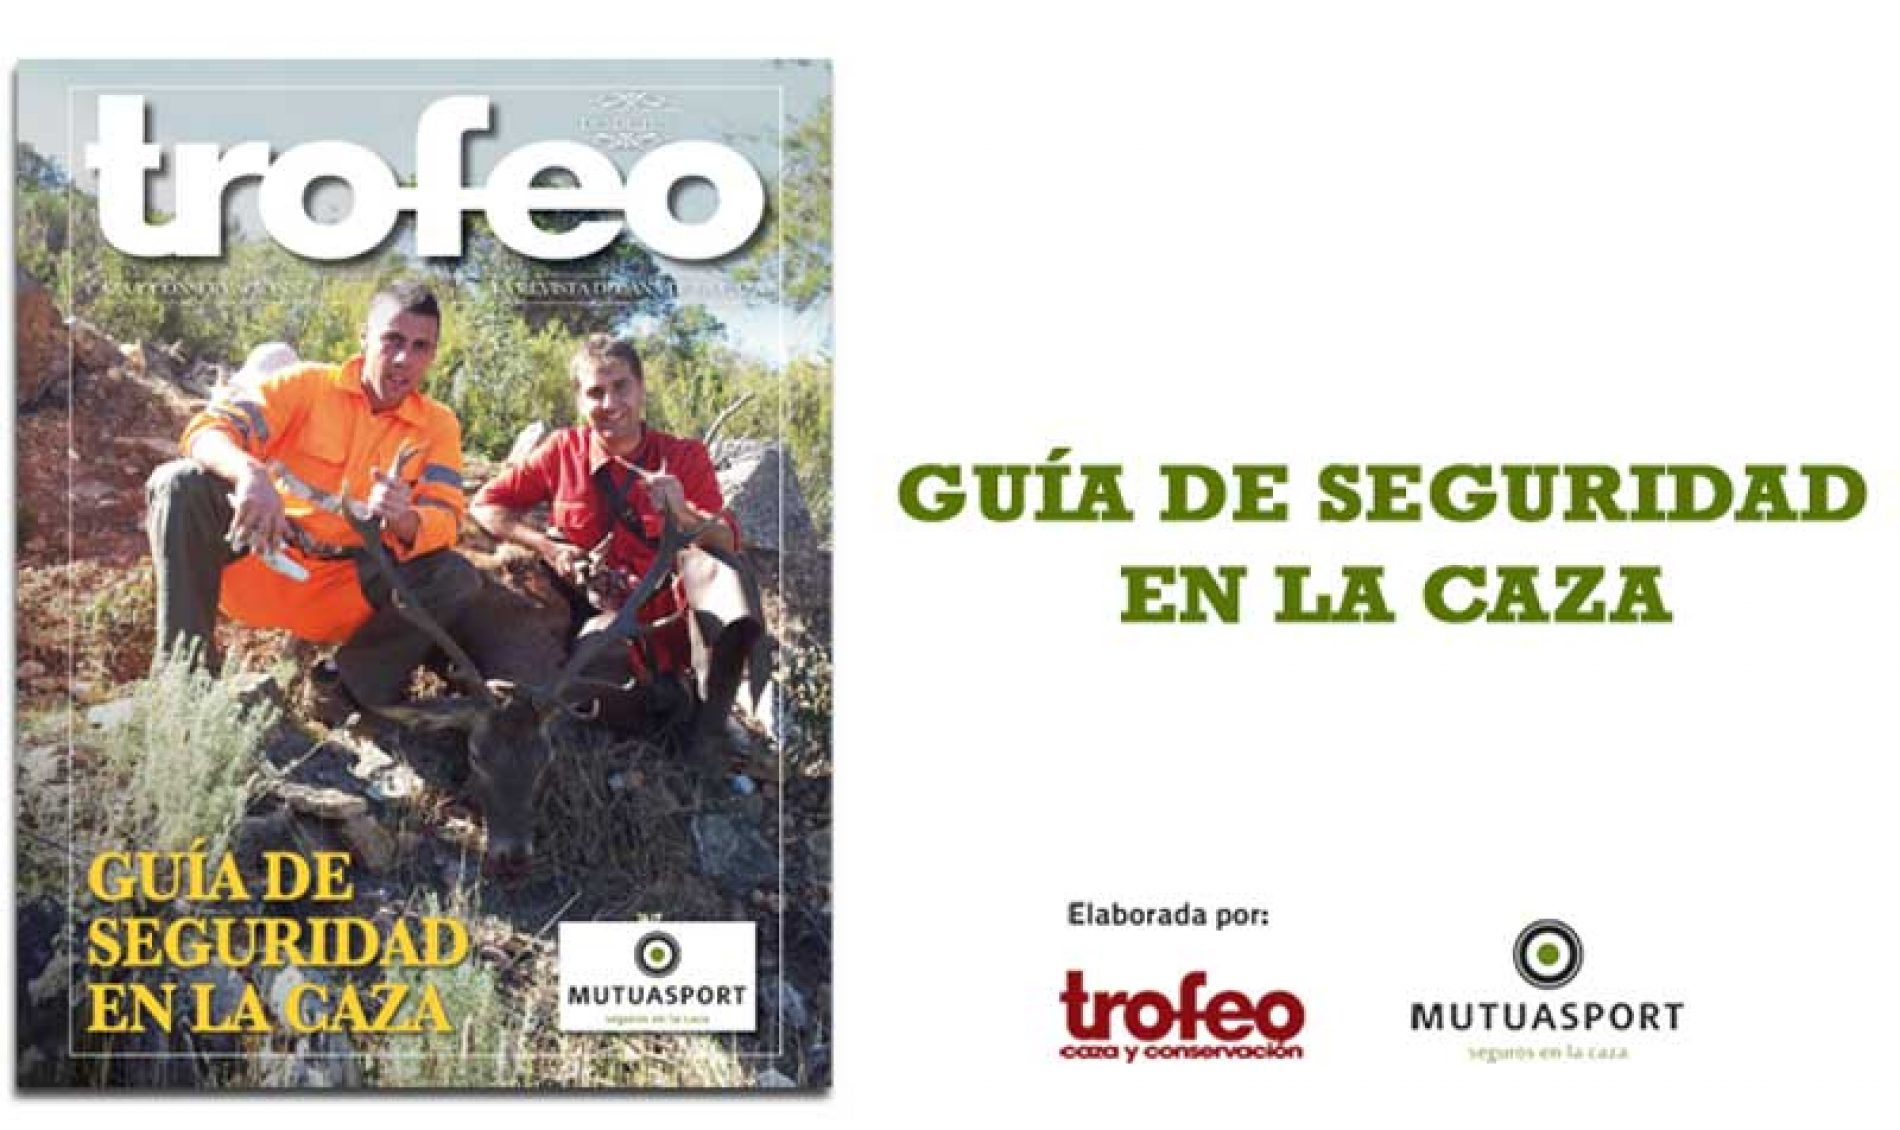 Guía de seguridad en la caza elaborada por Trofeo Caza y  Mutuasport